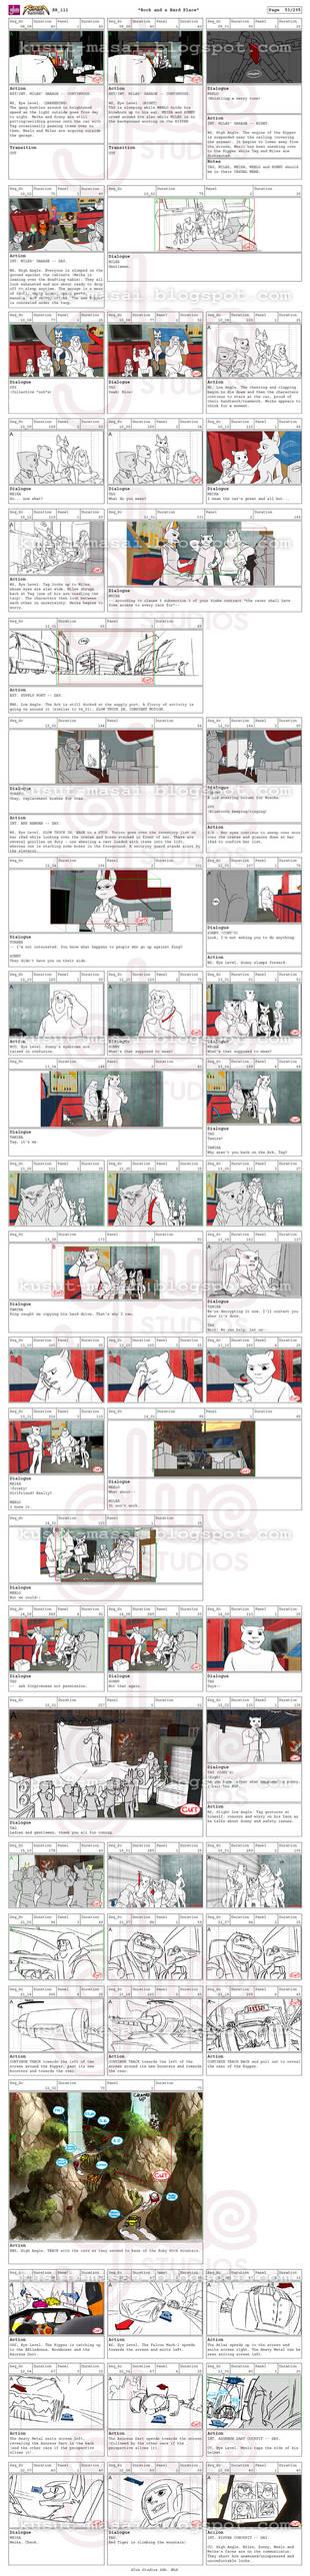 Rimba Racer Storyboard (S01 EP011)